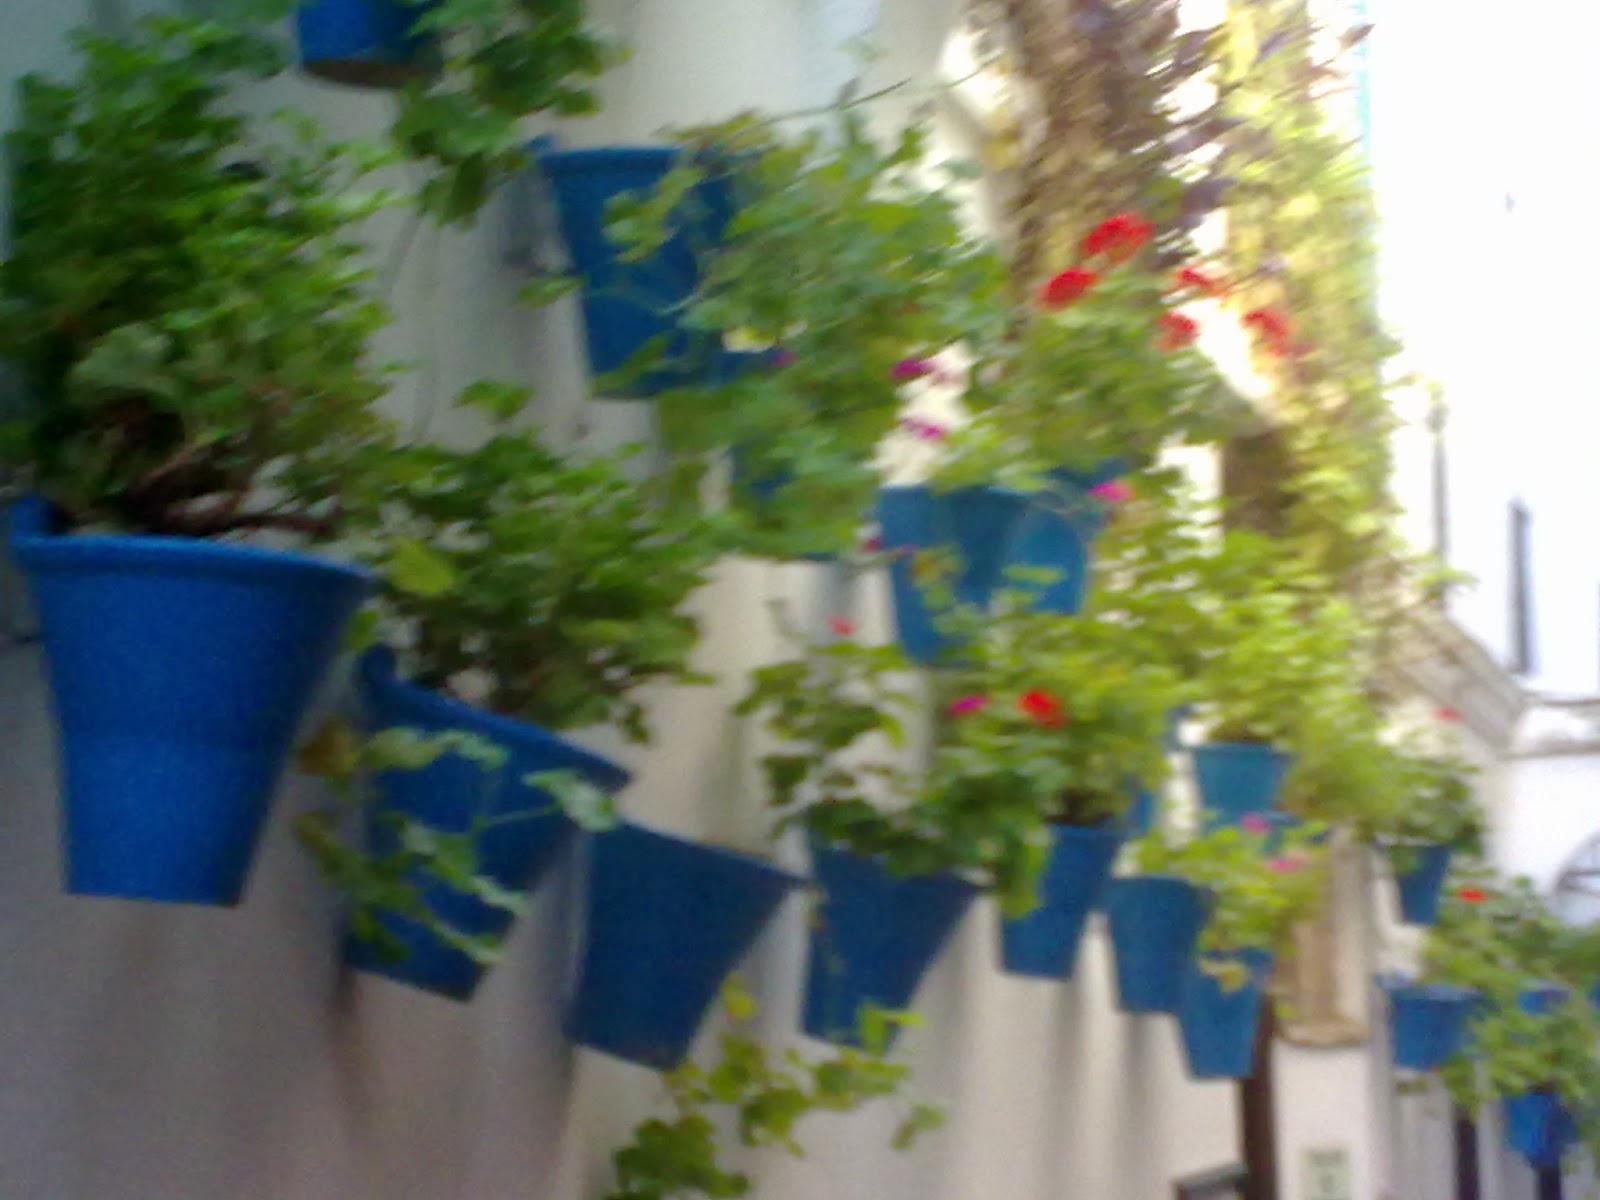 Macetas en la pared perfect macetas pared exterior macetas pared exterior with macetas en la - Macetas en la pared ...